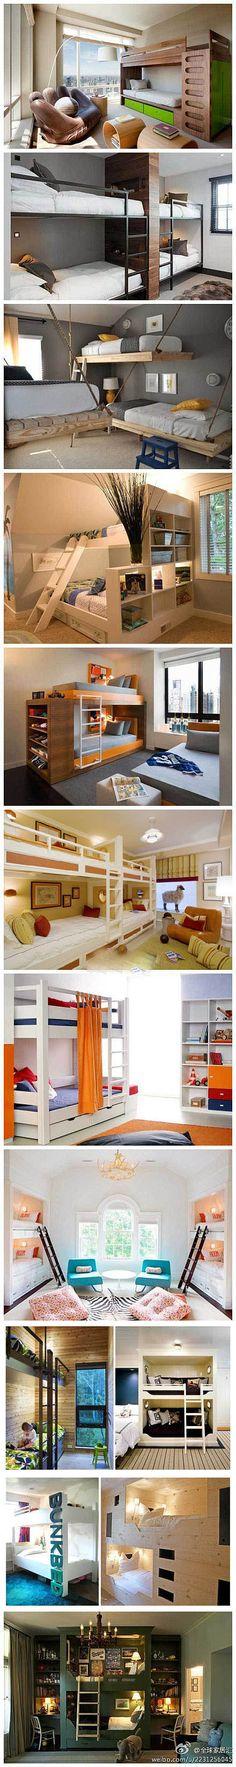 Buena variedad en el diseño de la cama litera, como el cierre